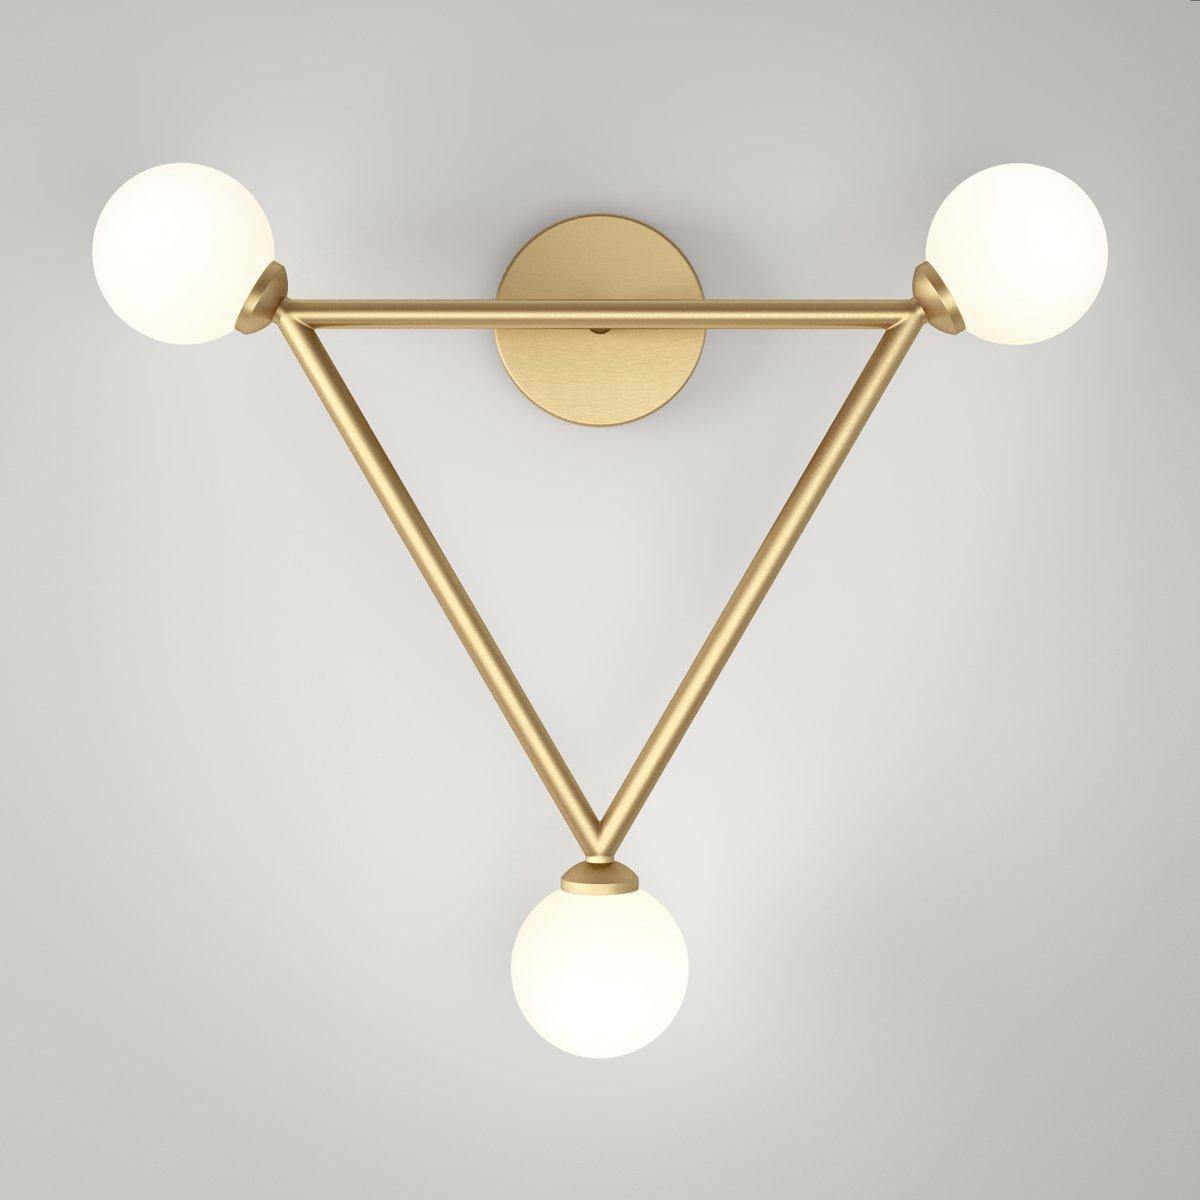 Triangle Wandlampe mit 3 Glaskugeln von Atelier Areti